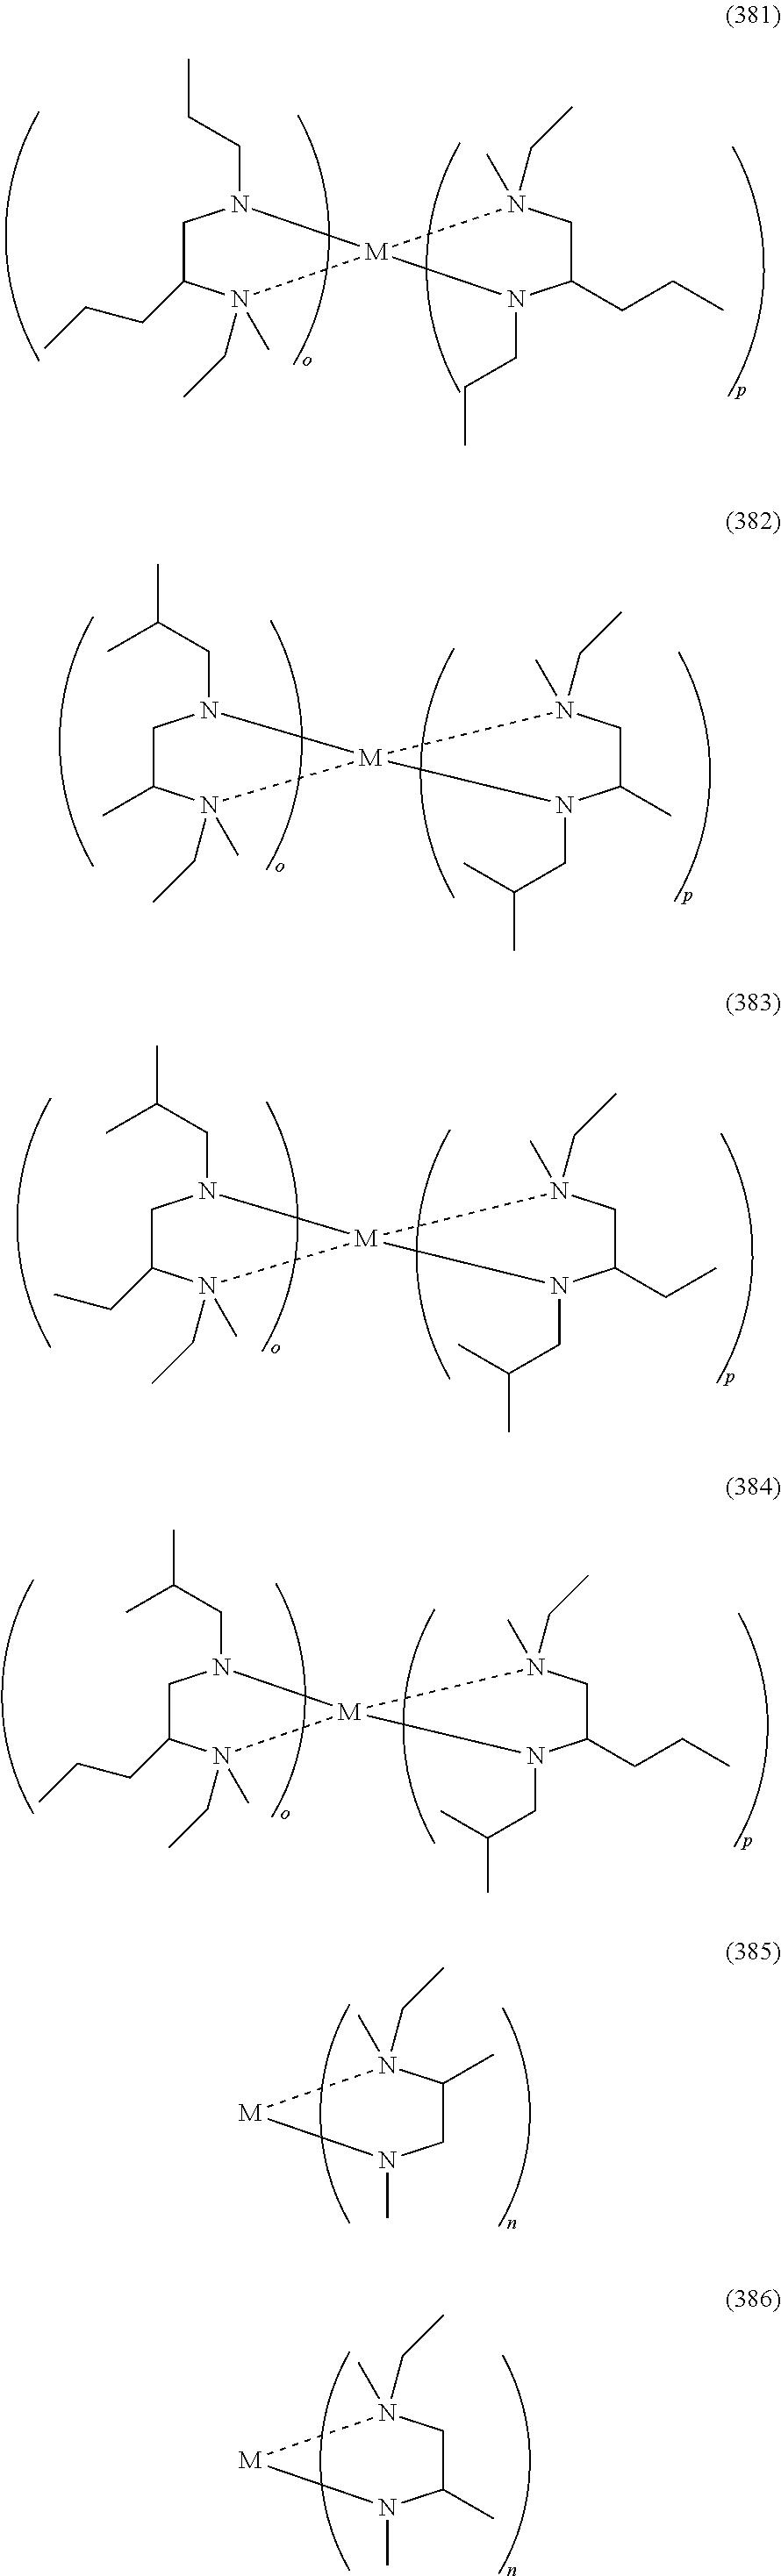 Figure US08871304-20141028-C00073